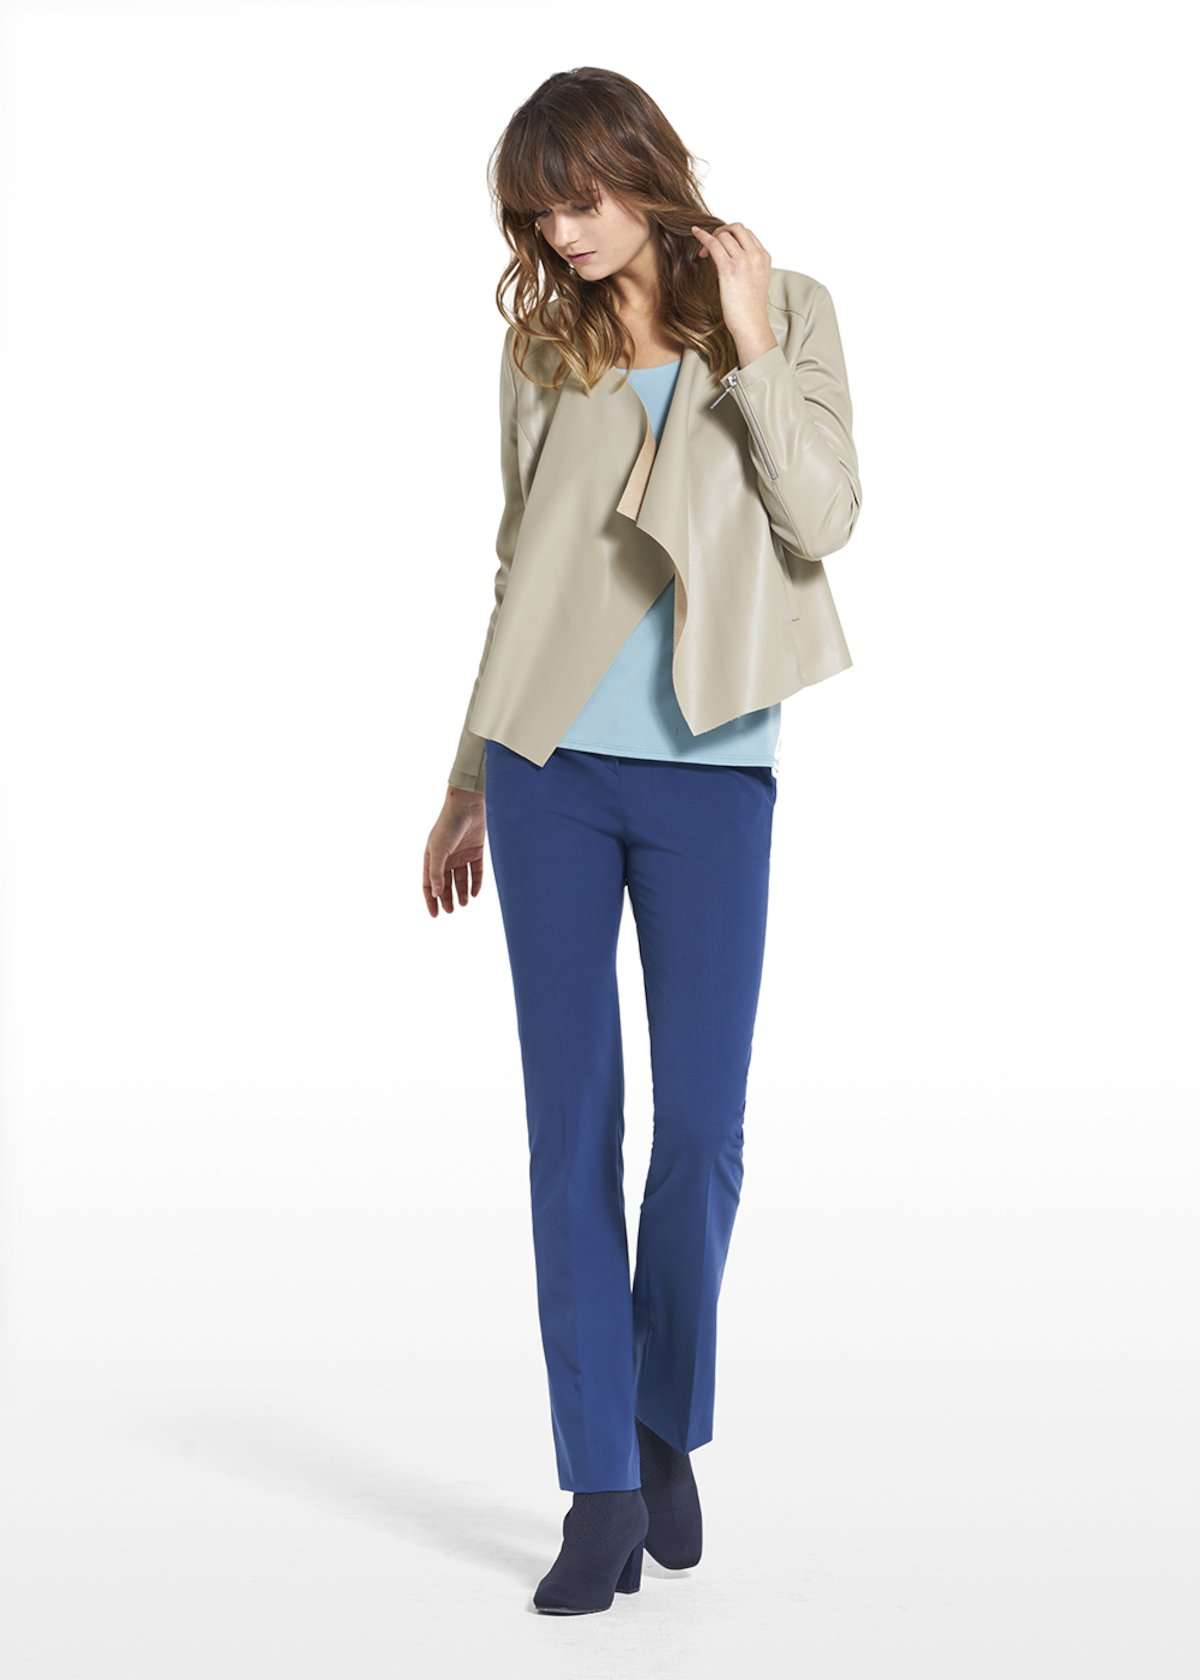 Pantaloni Perseo modello hunter a gamba tube - Avion - Donna - Immagine categoria